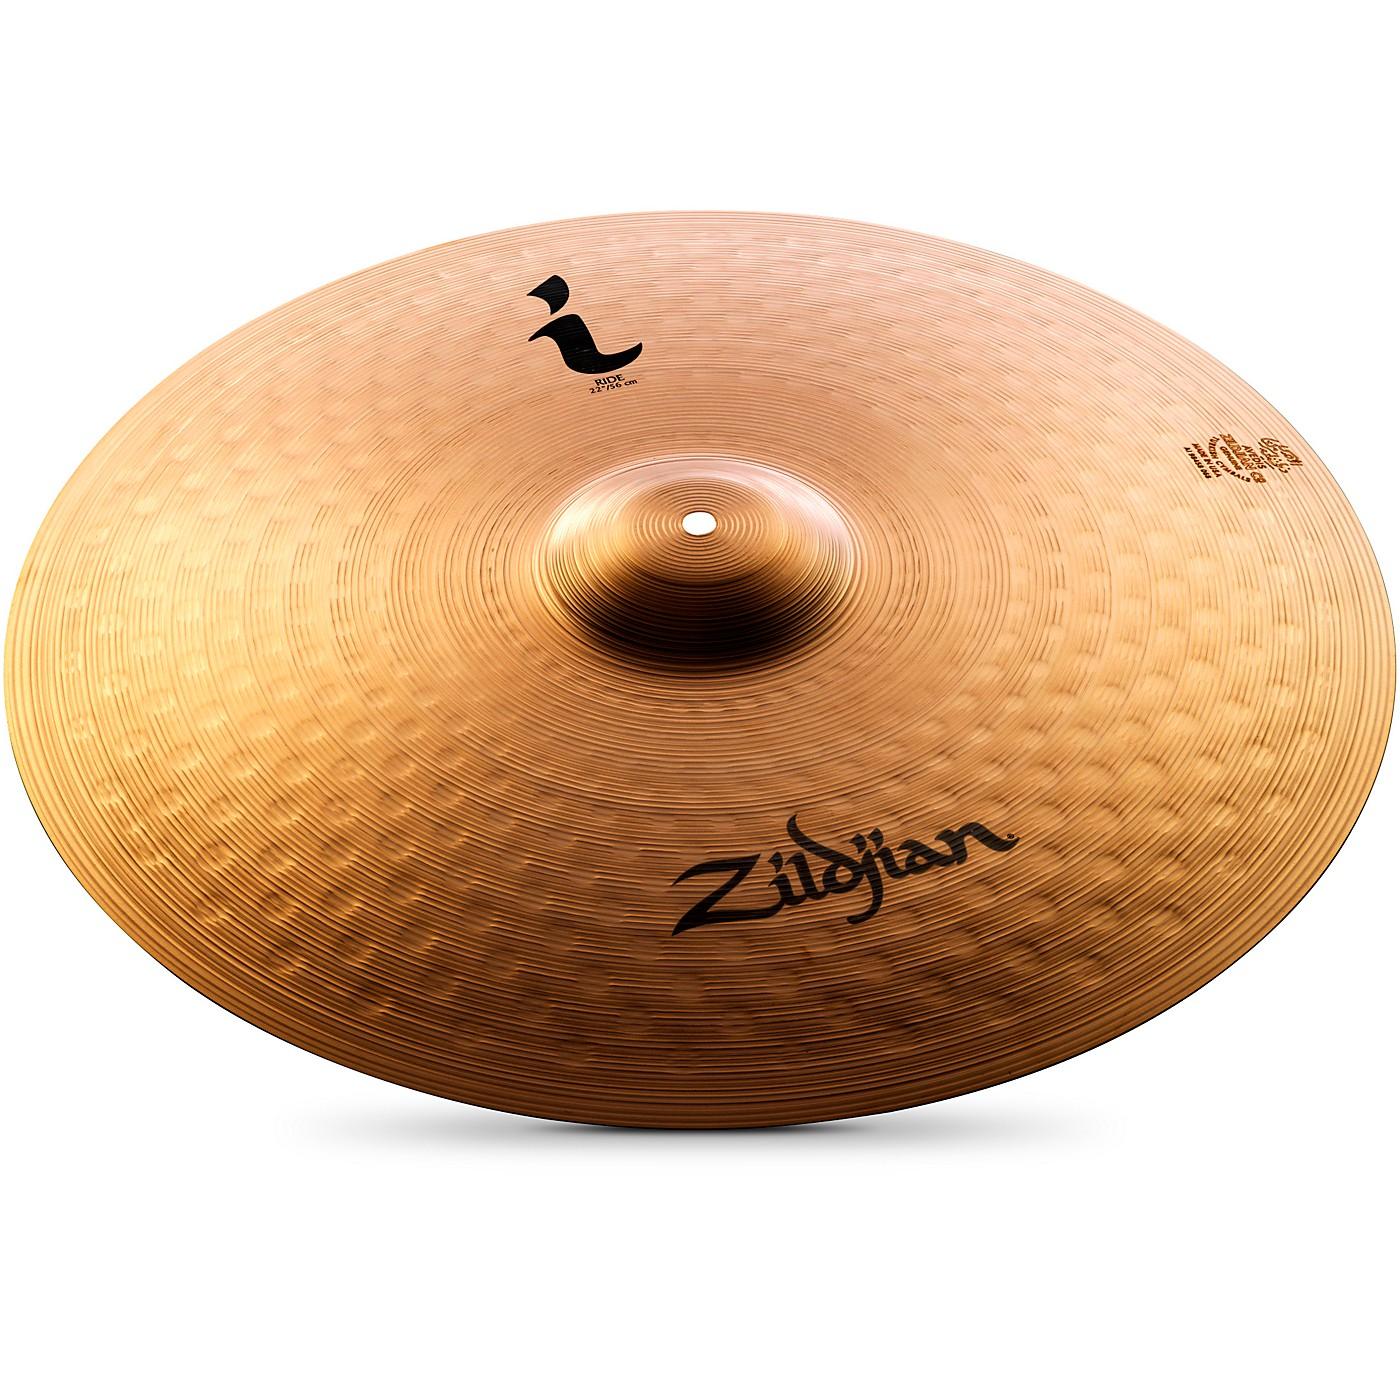 Zildjian I Series Ride Cymbal thumbnail